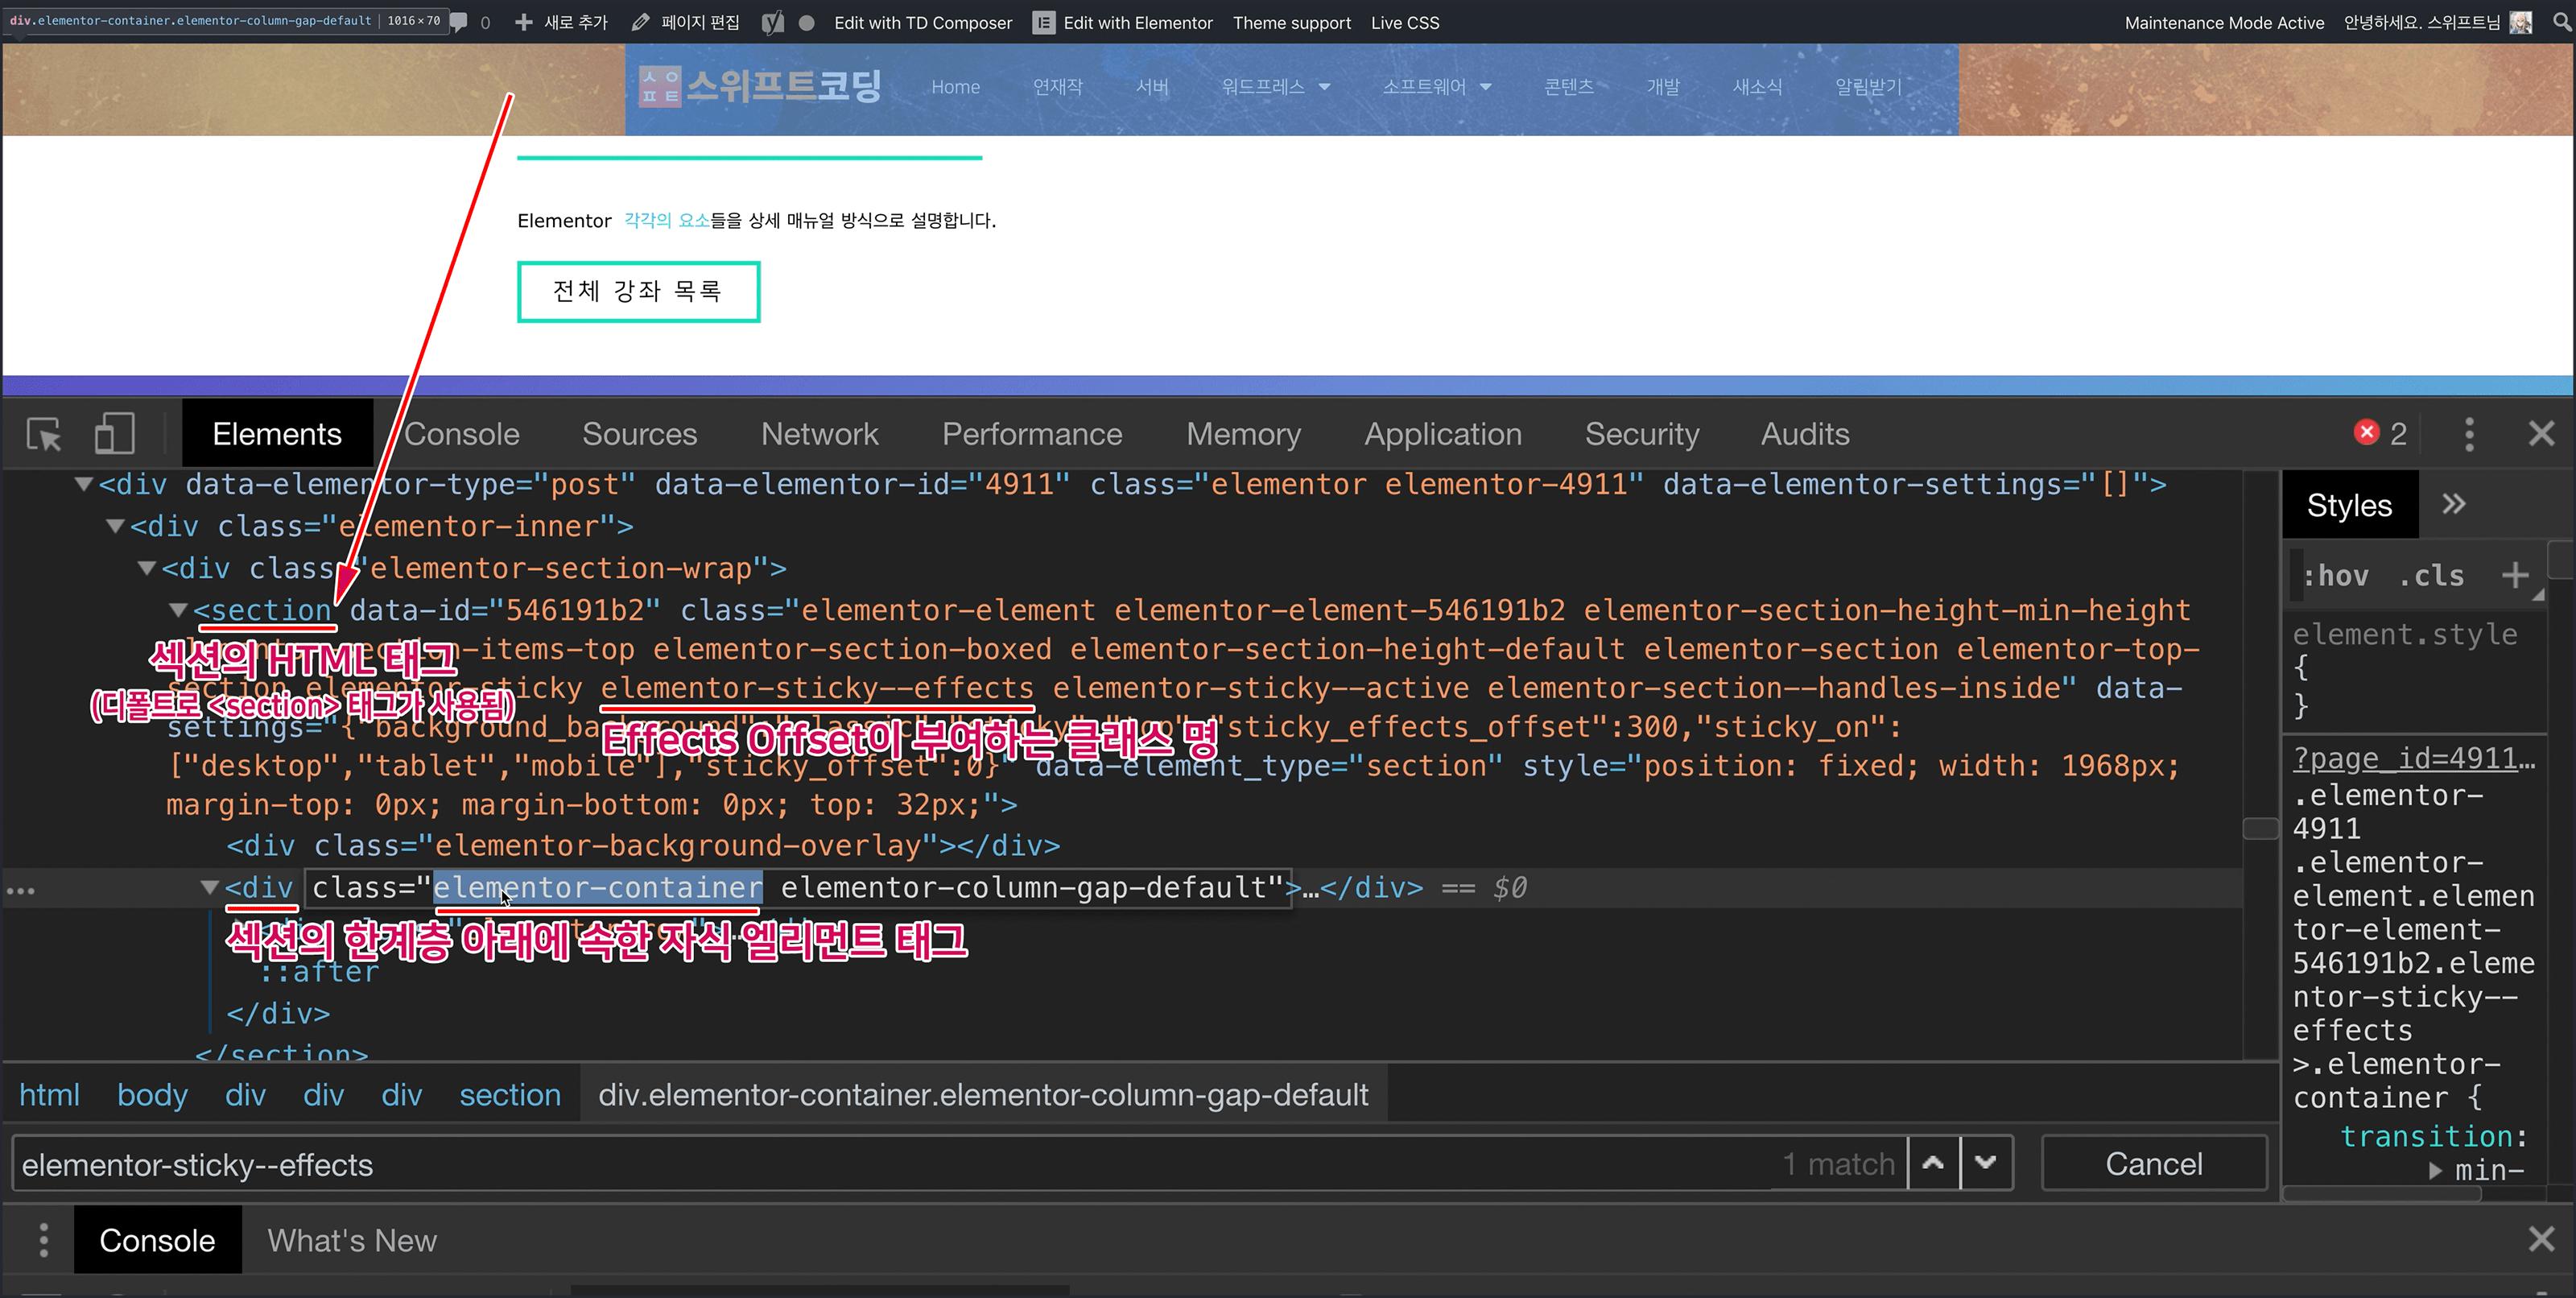 웹브라우저 미리보기에서의 HTML 구조가 보여지고 있다